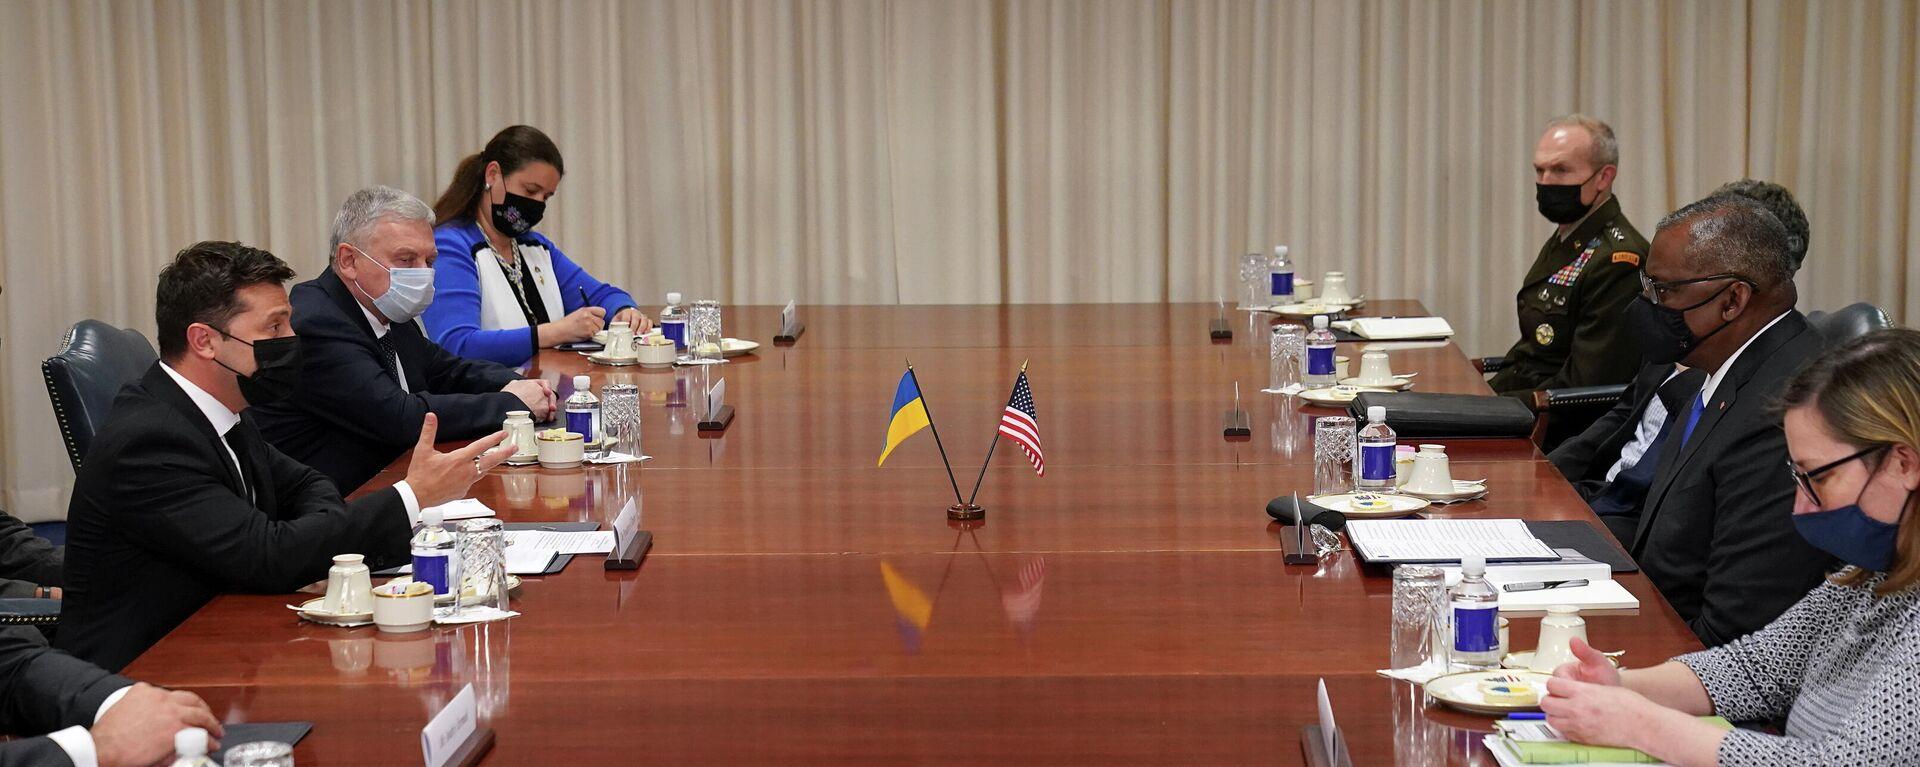 El secretario de Defensa de EEUU, Lloyd Austin, se reúne con el presidente de Ucrania, Volodímir Zelenskiy, y el ministro de Defensa de Ucrania, Andriy Taran, en el Pentágono - Sputnik Mundo, 1920, 31.08.2021